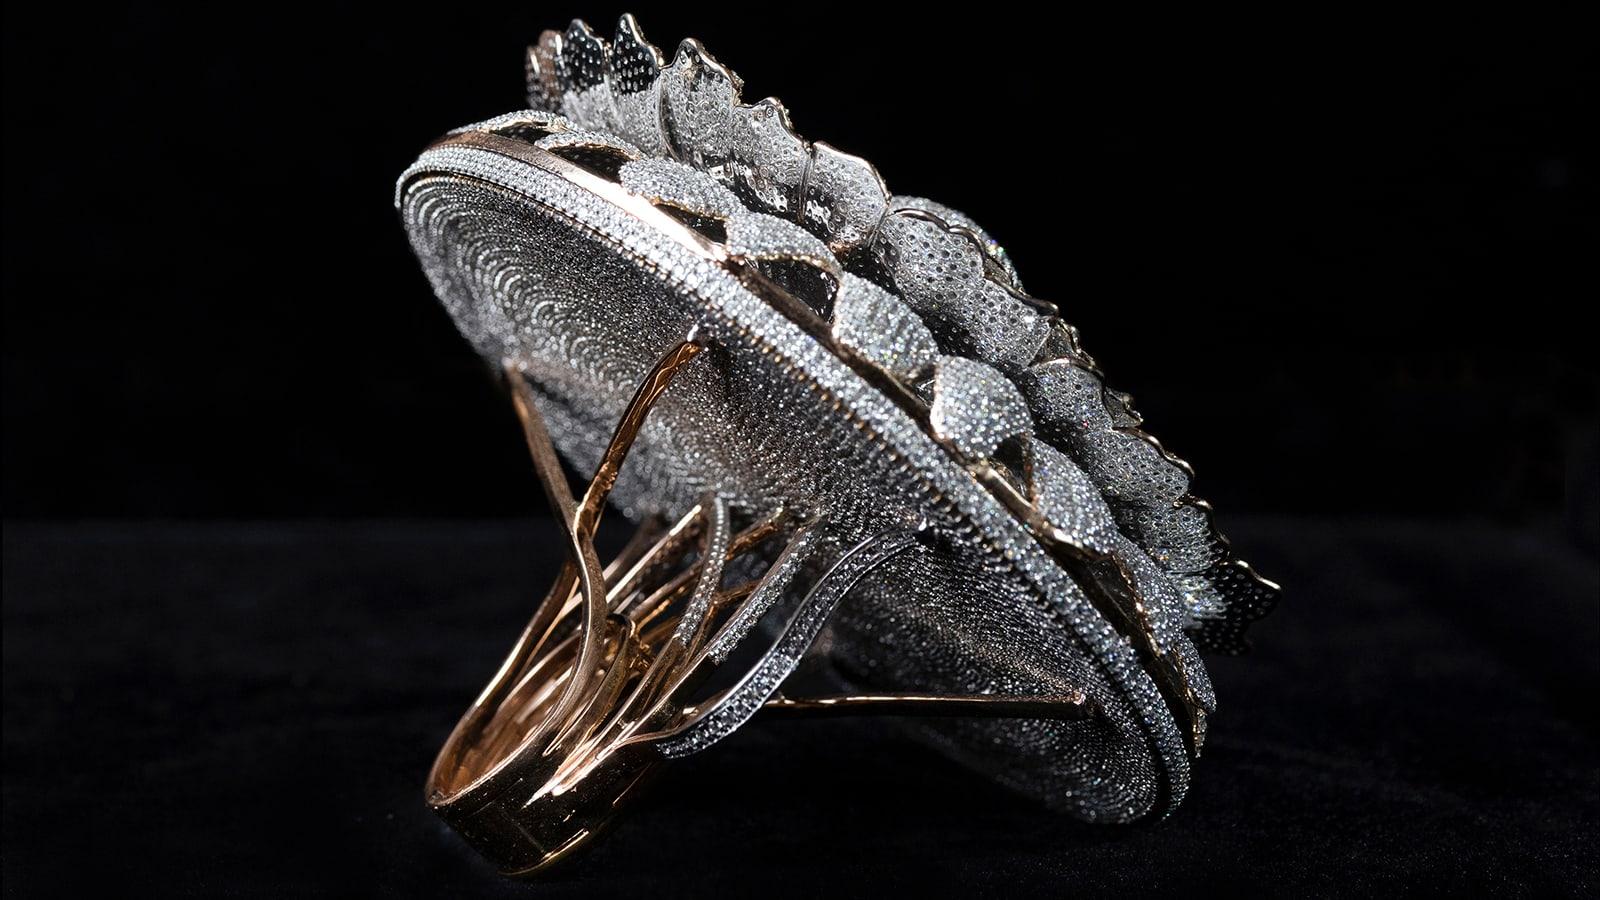 خاتم مرصع بأكثر من 12 ألف ماسة يدخل موسوعة غينيس للأرقام القياسية